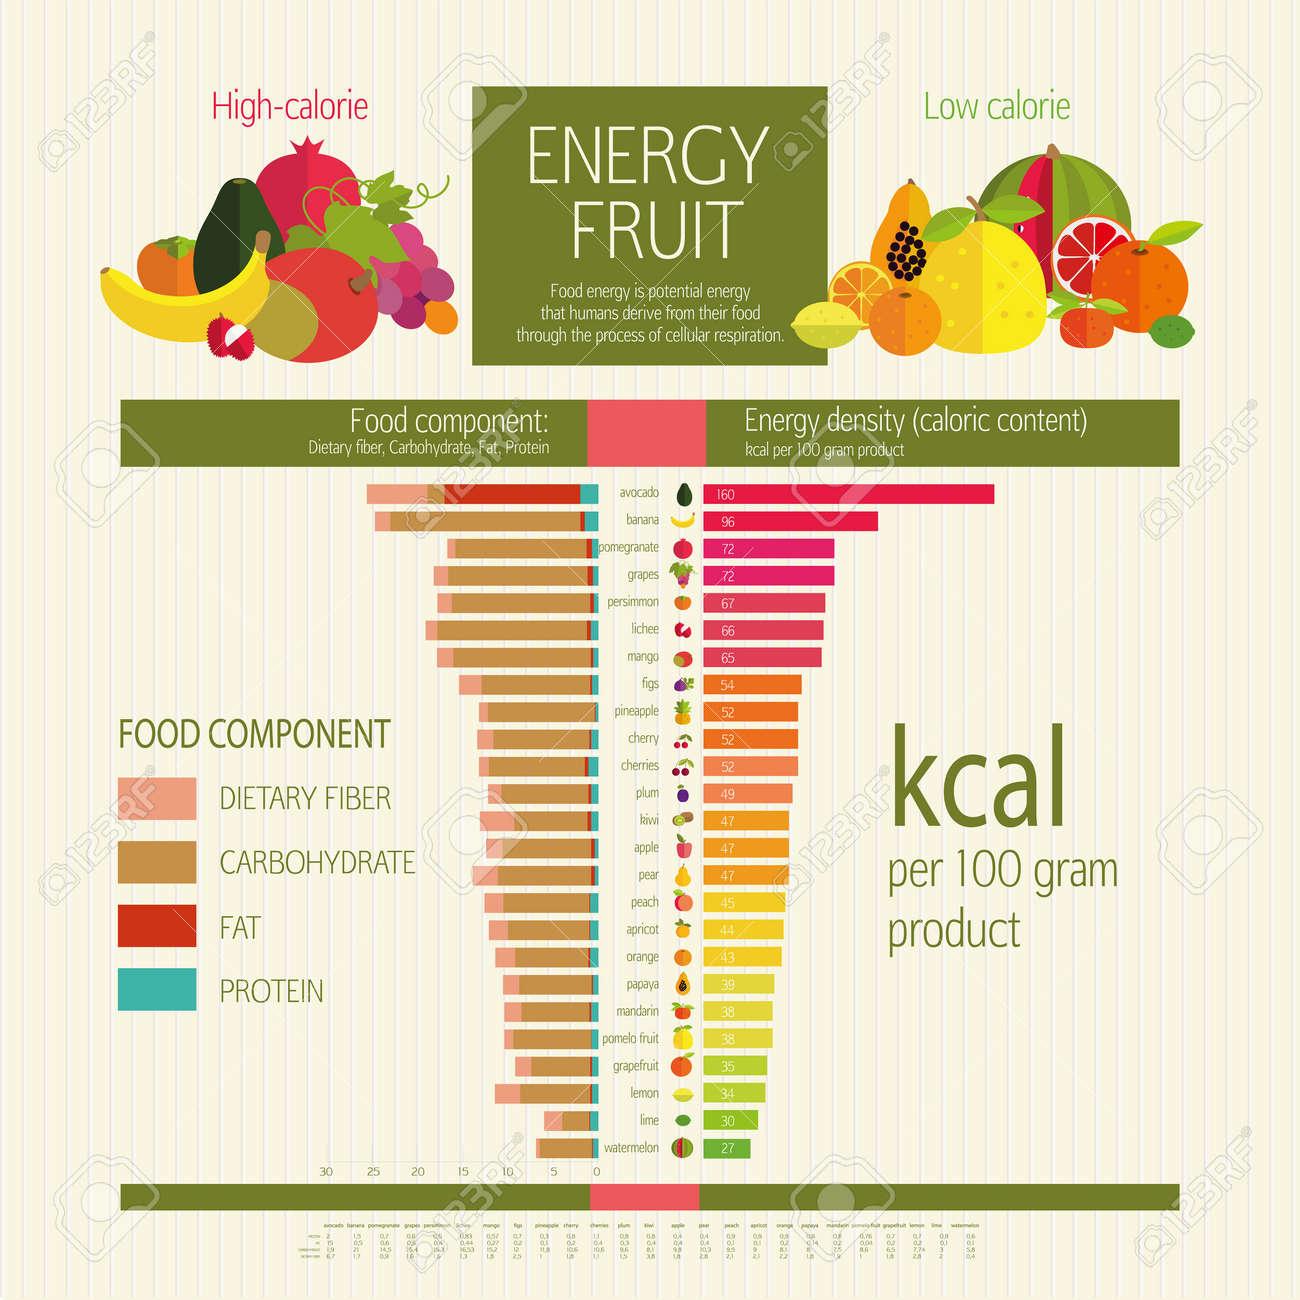 Haute Teneur En Calories Et Faibles En Calories Fruits Densite D